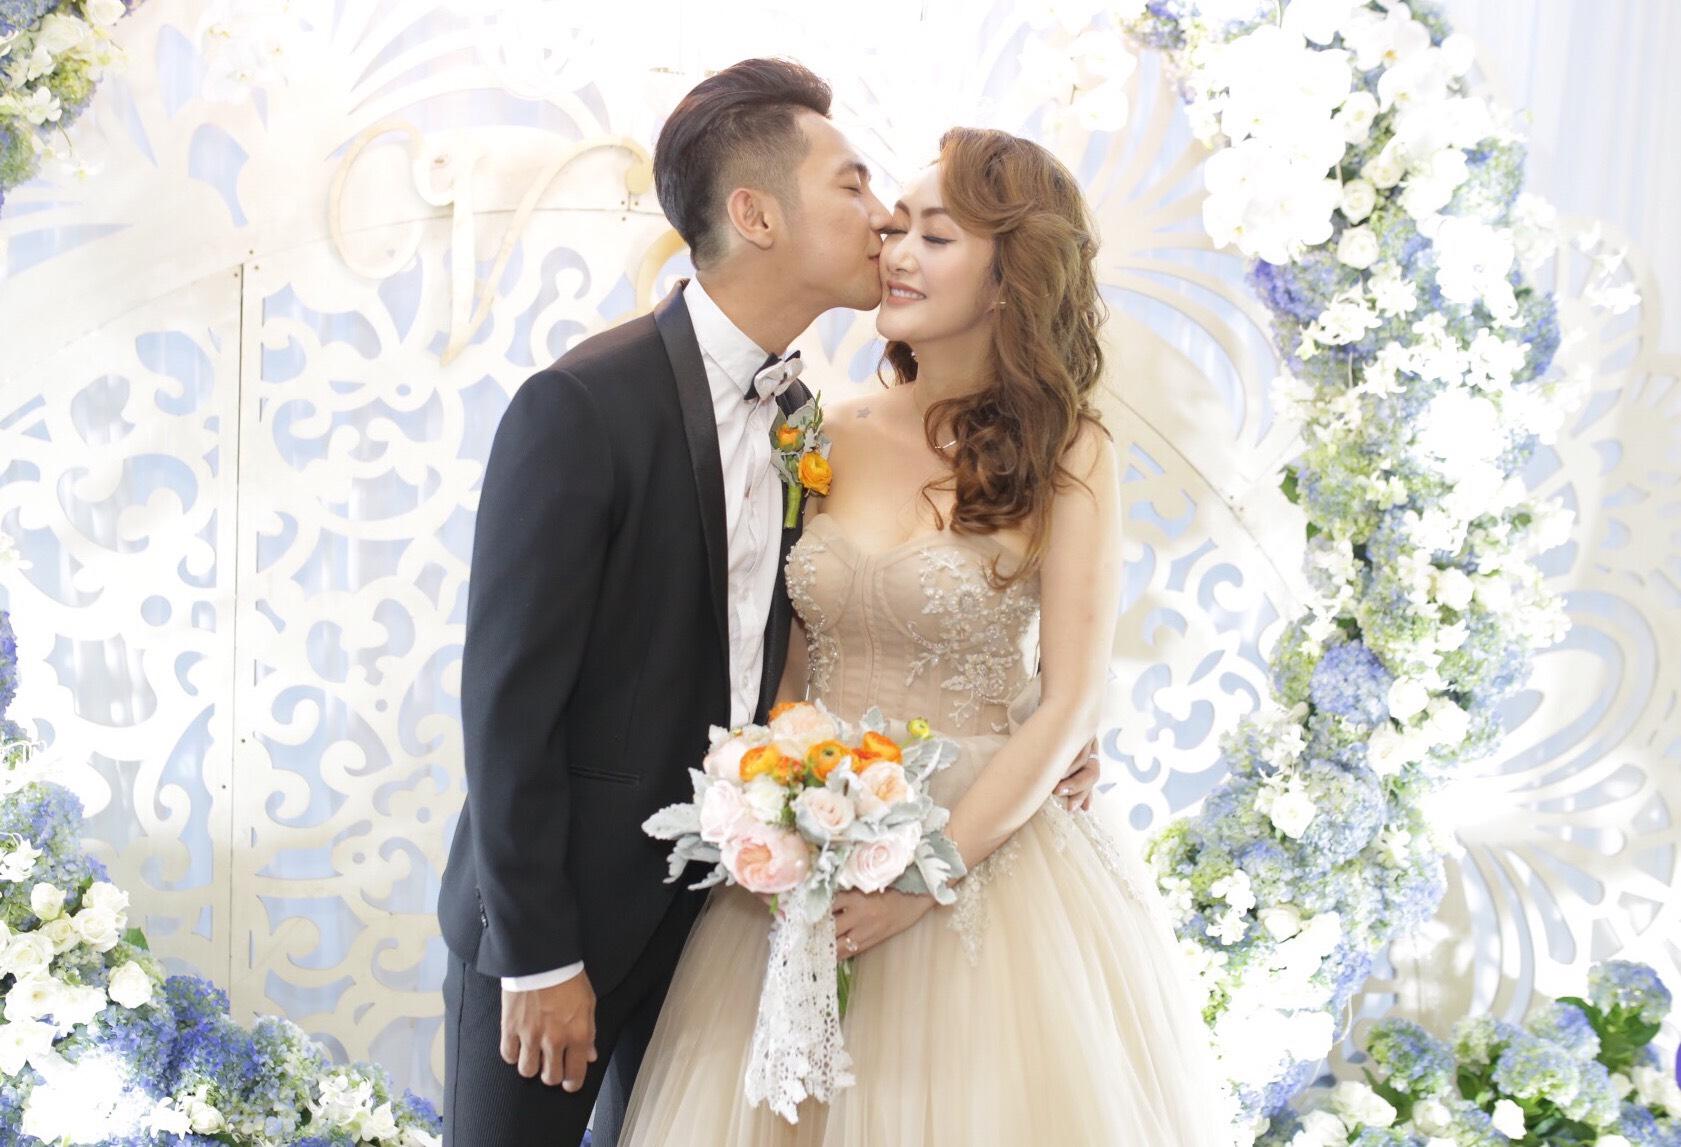 Sao Việt: Mai Quốc Việt và bà xã cùng tuổi liên tục hôn nhau ngọt ngào trong lễ cưới